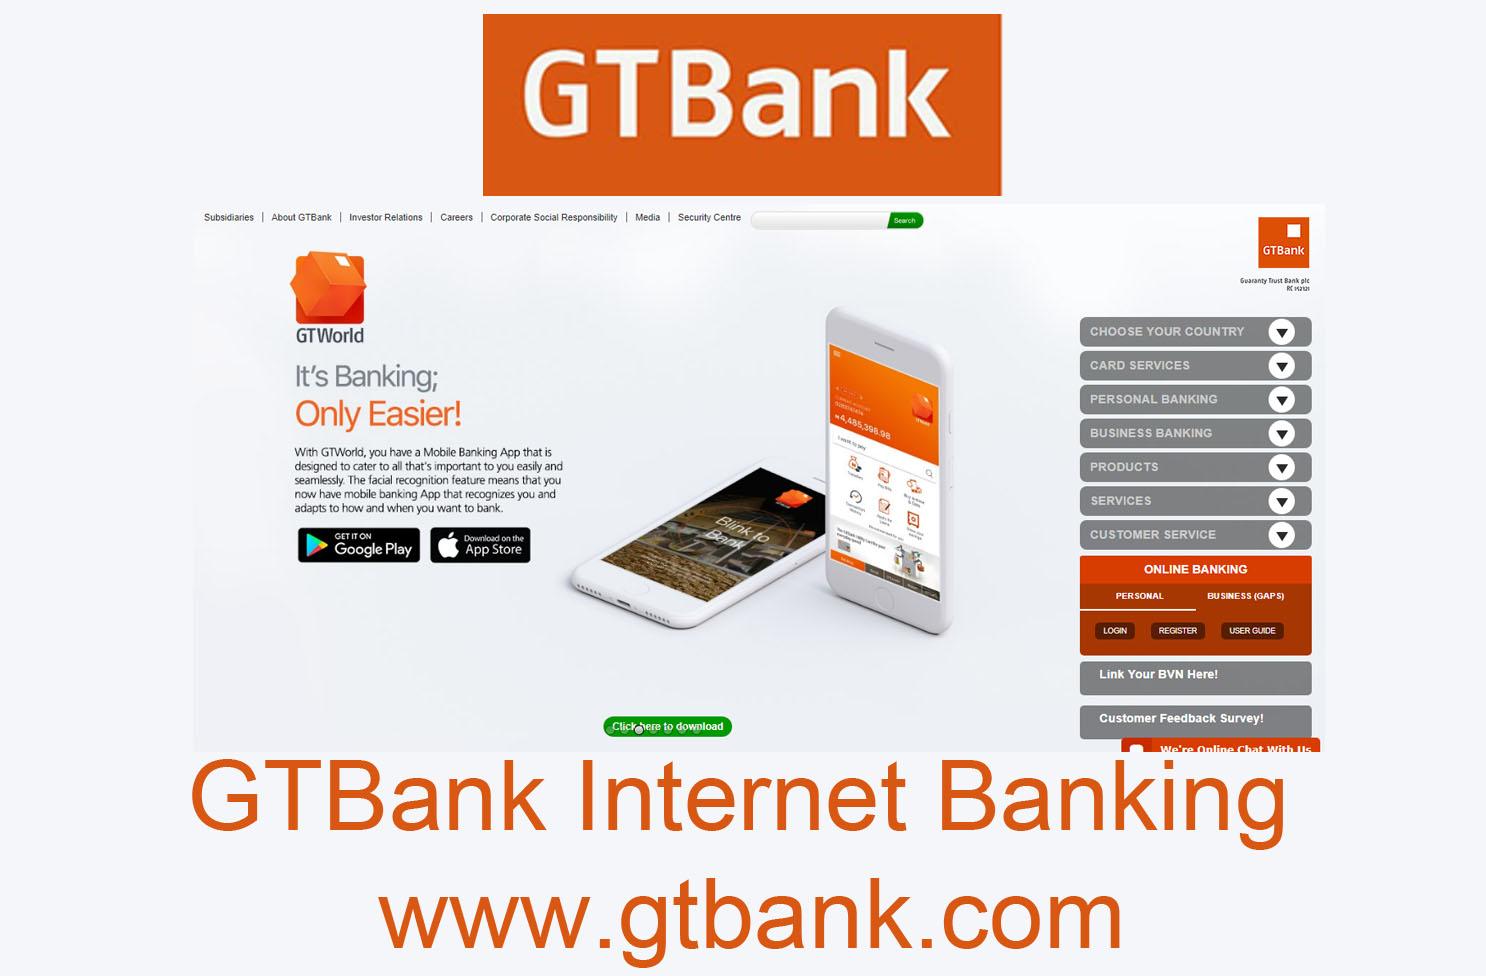 GTBank Internet Banking